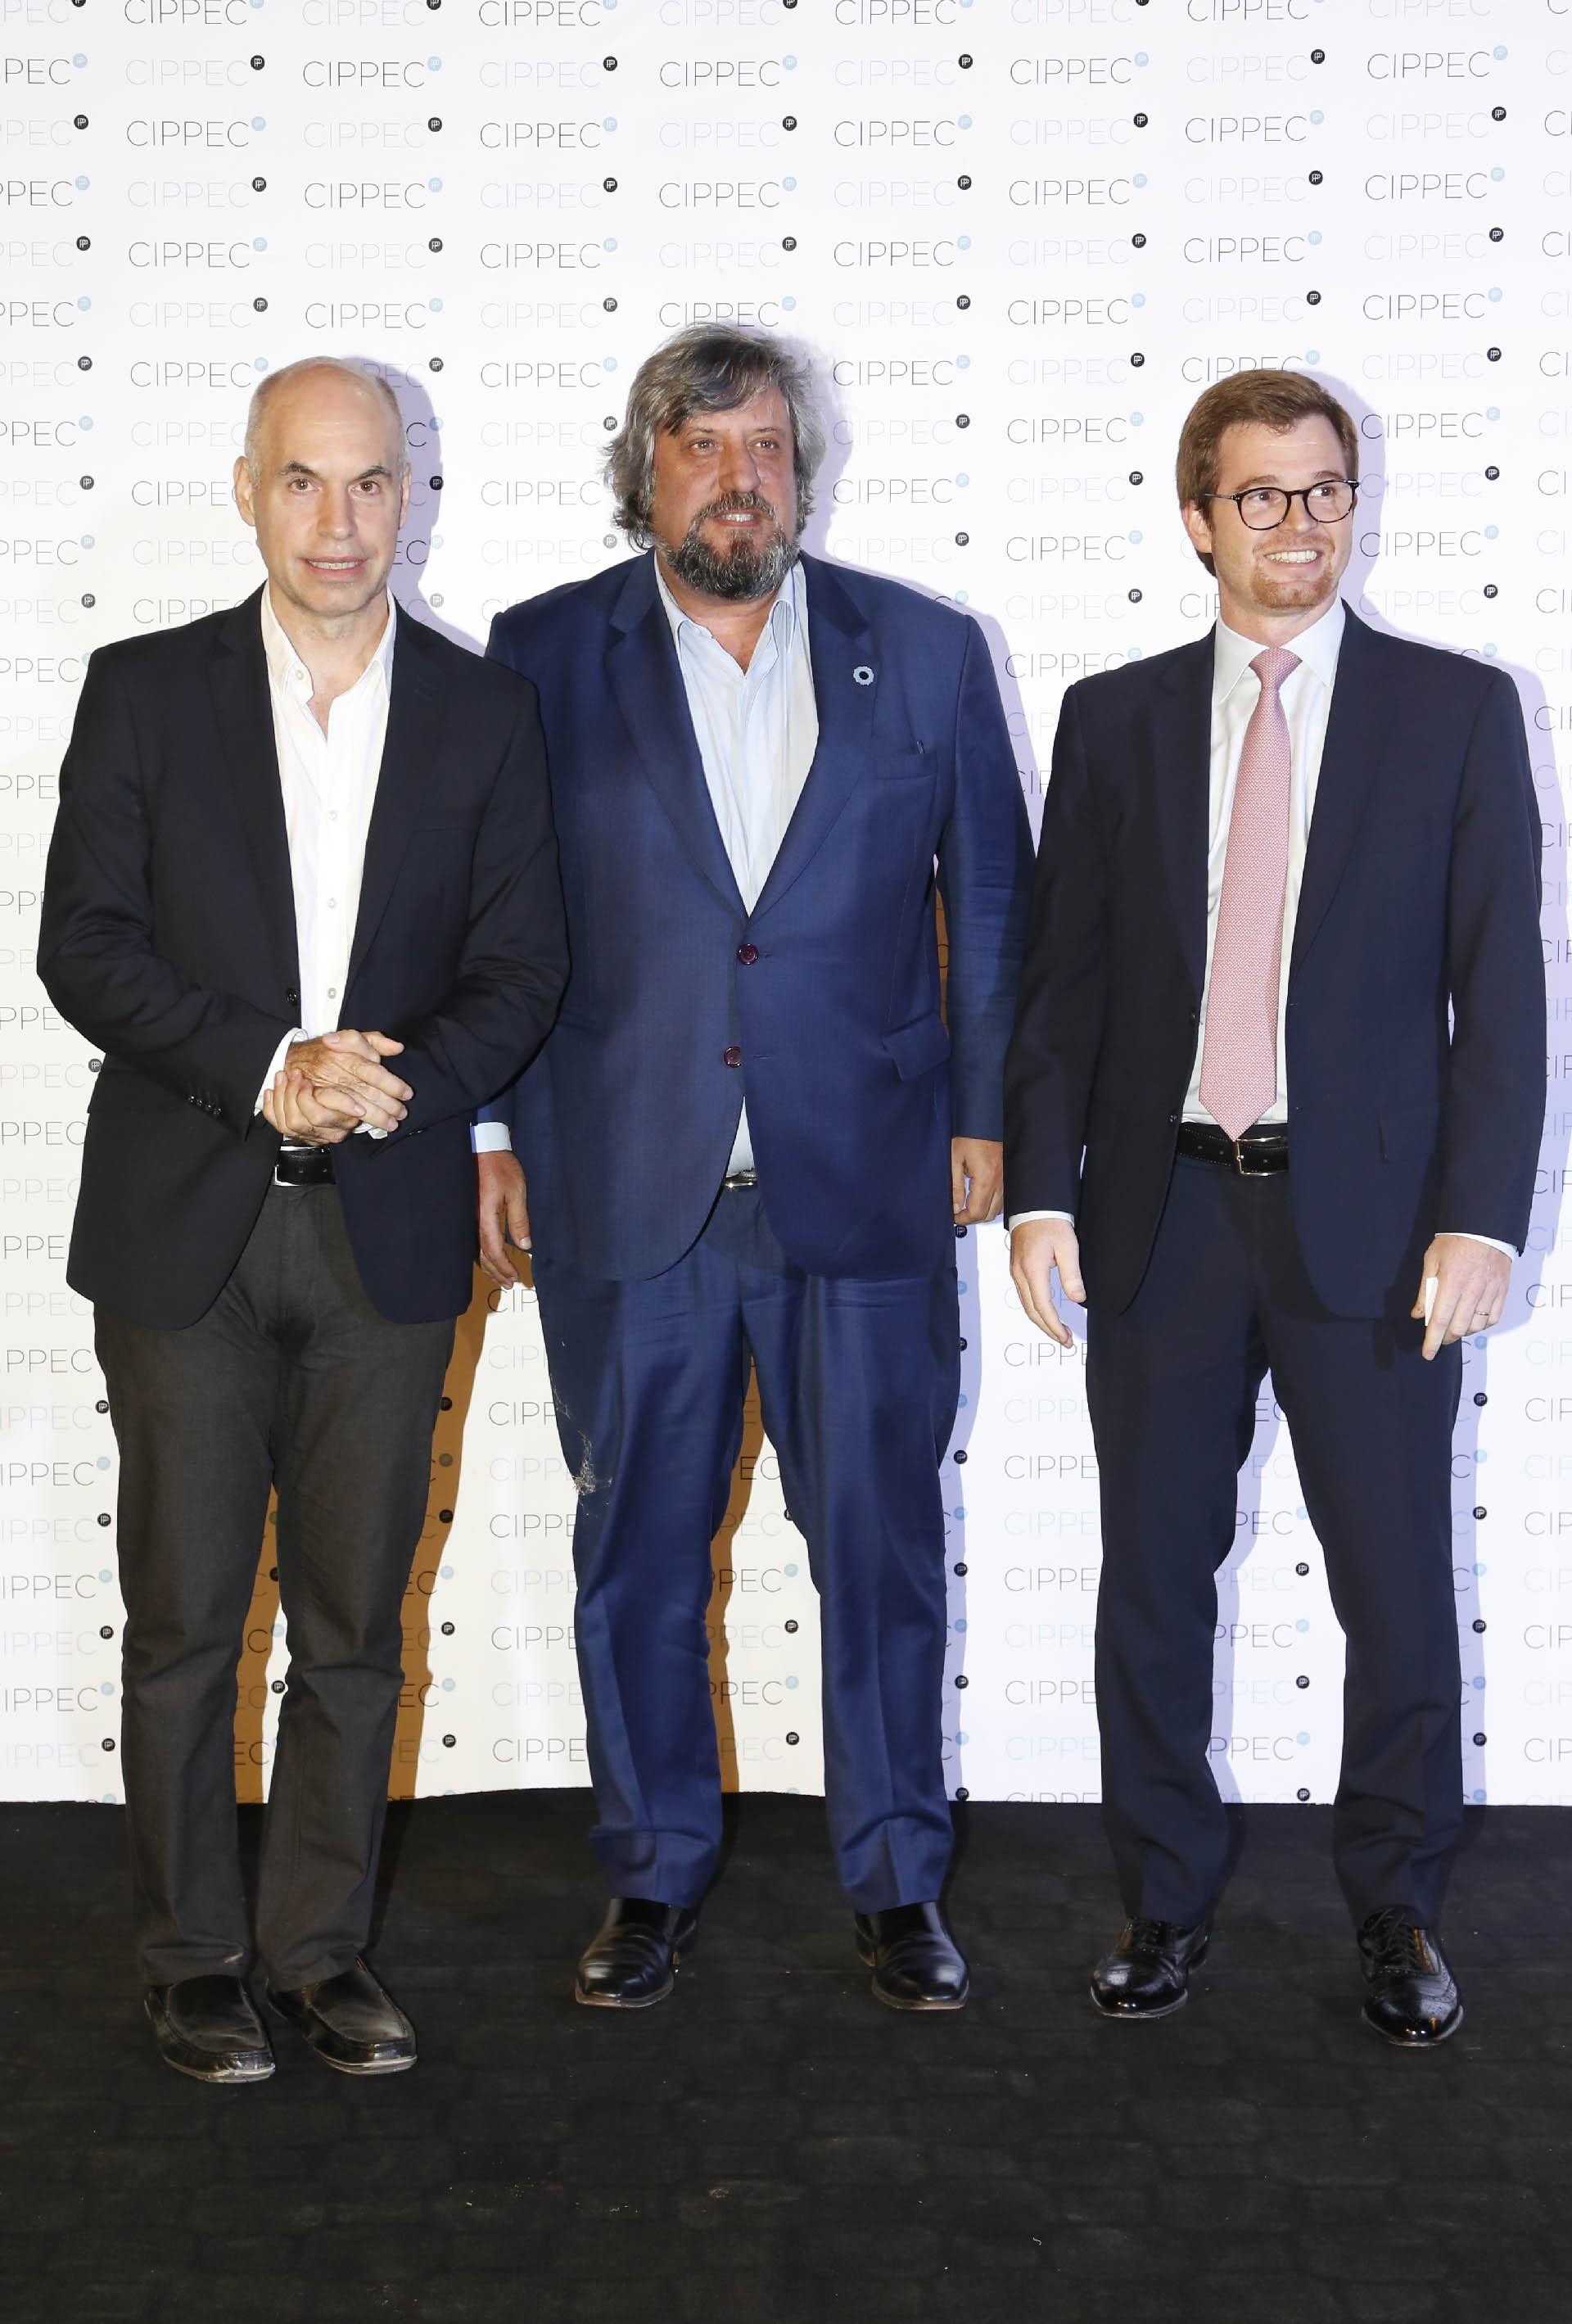 Horacio Rodríguez Larreta, Miguel De Godoy y Nicolás Massot